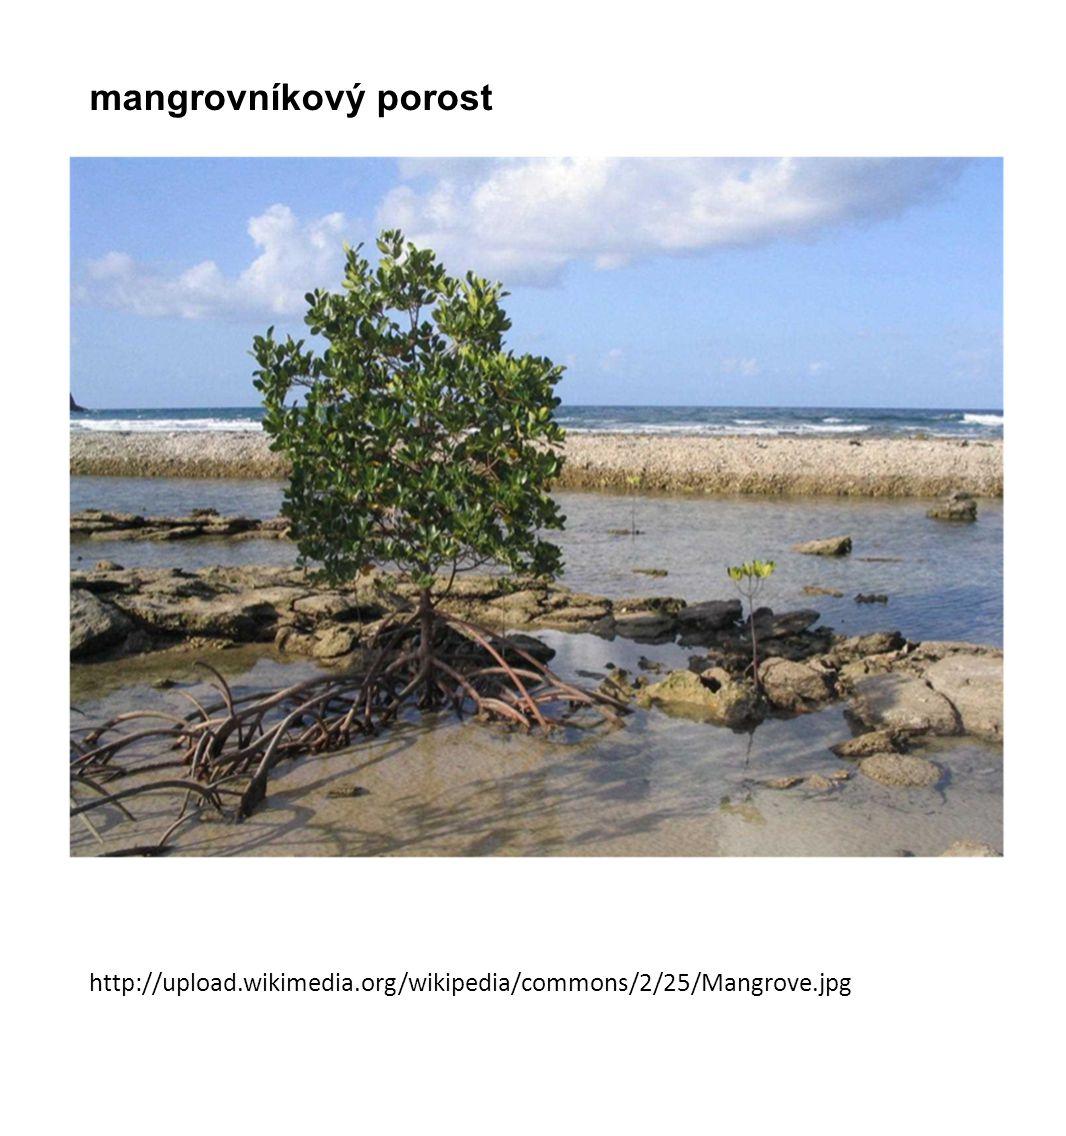 mangrovníkový porost http://upload.wikimedia.org/wikipedia/commons/2/25/Mangrove.jpg